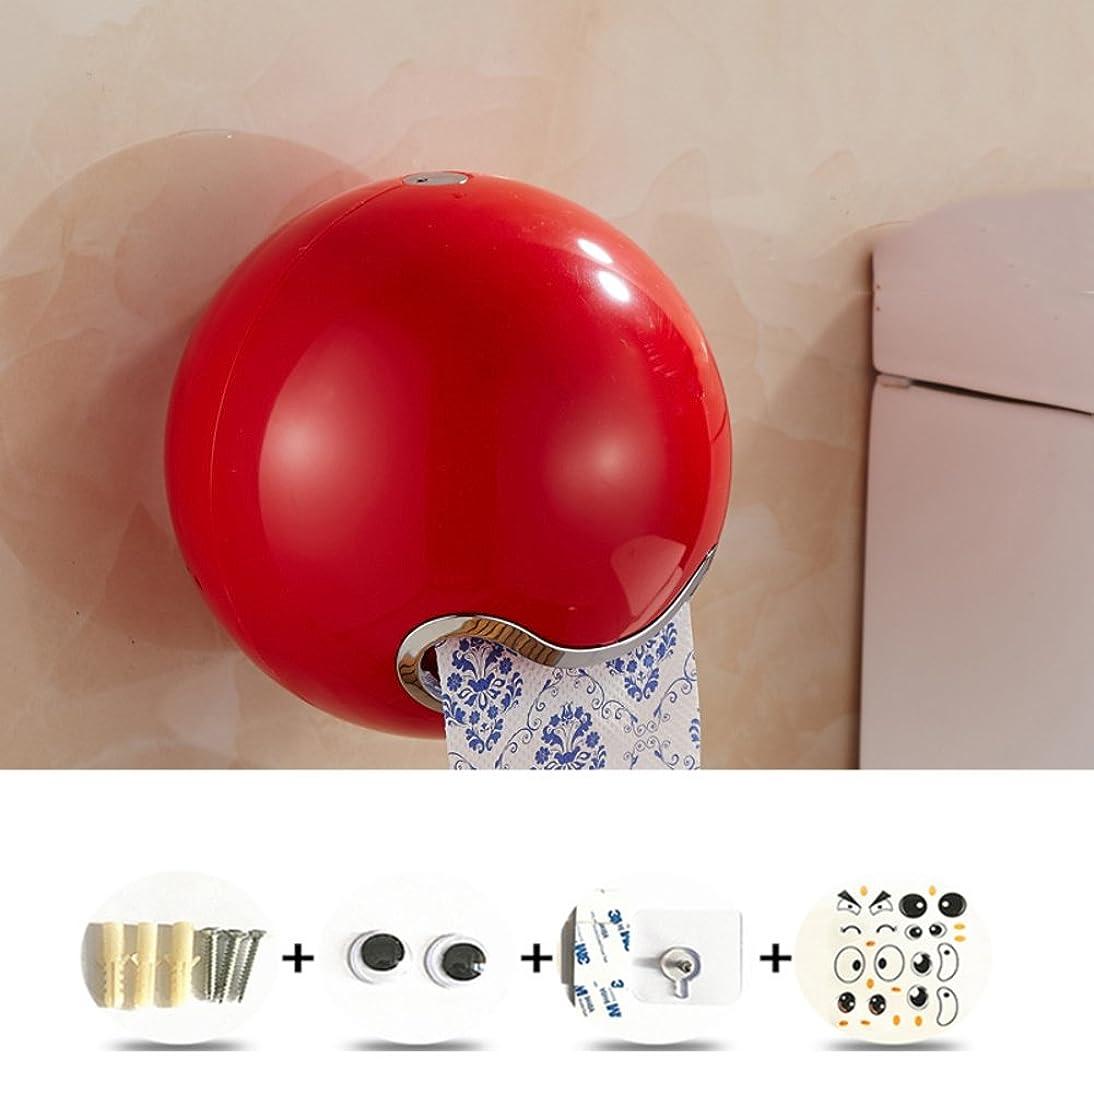 おしゃれなマーティンルーサーキングジュニア傷つきやすいプラスチック製のボールの形のカラフルなトイレット ペーパー ホルダー, カバー浴室台所組織の創造的な目新しさのロール ペーパー ホルダー-K 18.5x18.5x16.5cm(7x7x6inch)